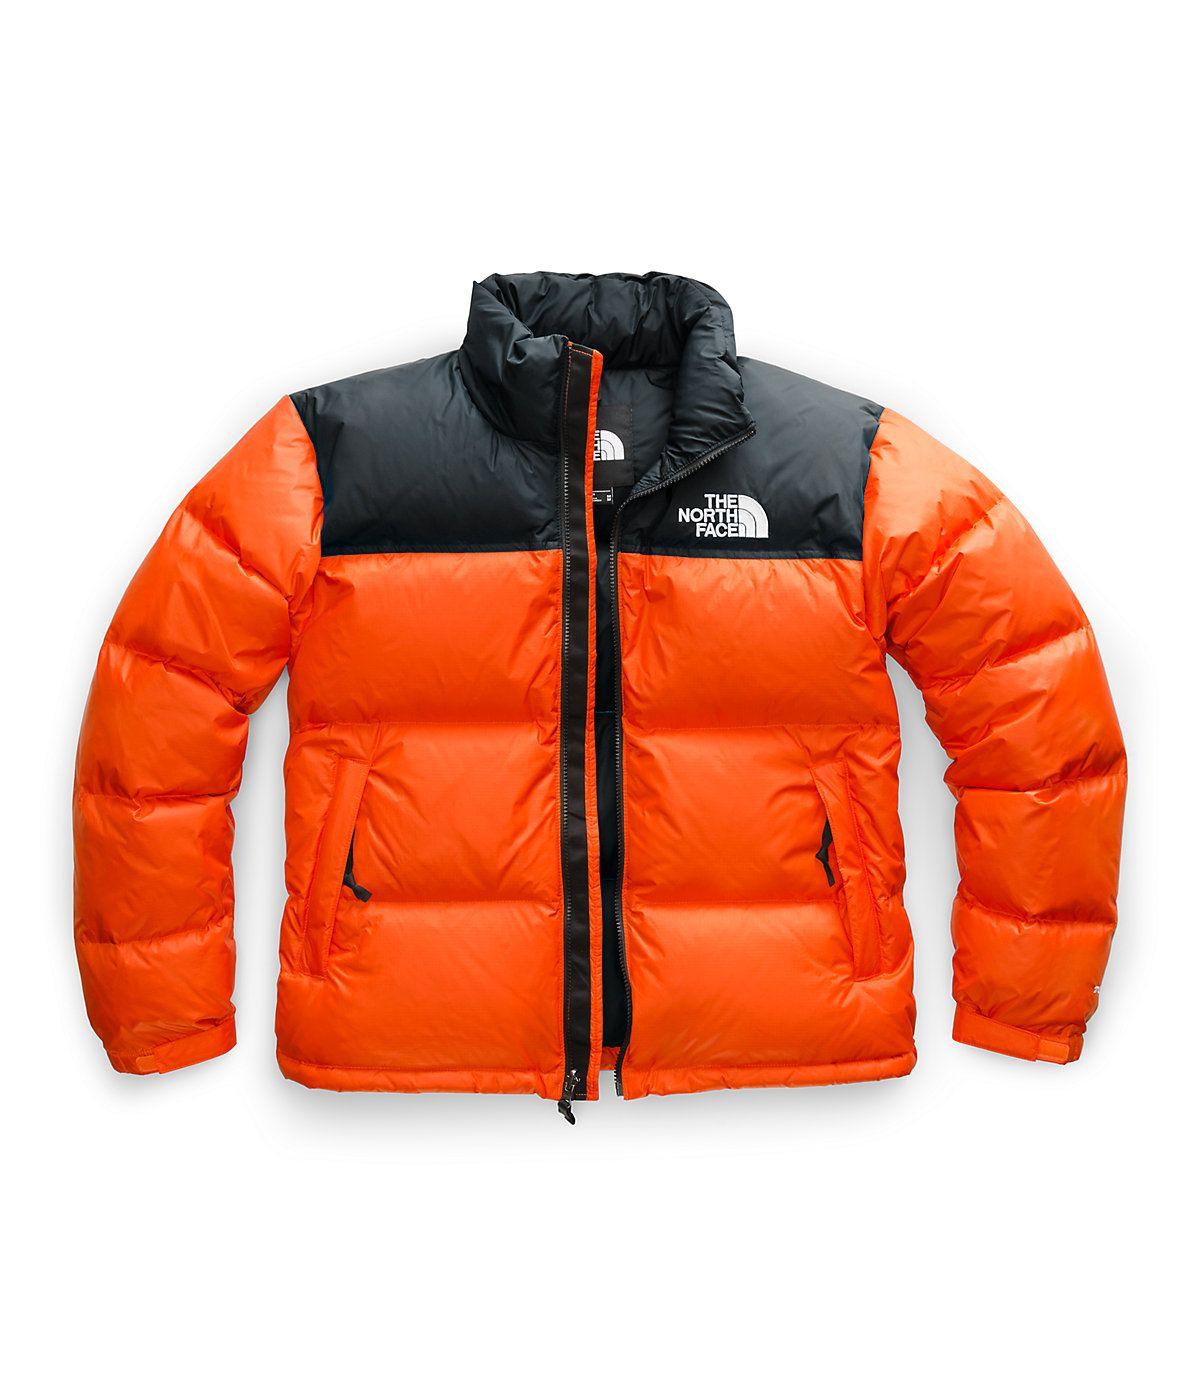 Men S 1996 Retro Nuptse Jacket The North Face In 2021 Orange North Face Jacket Retro Nuptse Jacket 1996 Retro Nuptse Jacket [ 1396 x 1200 Pixel ]